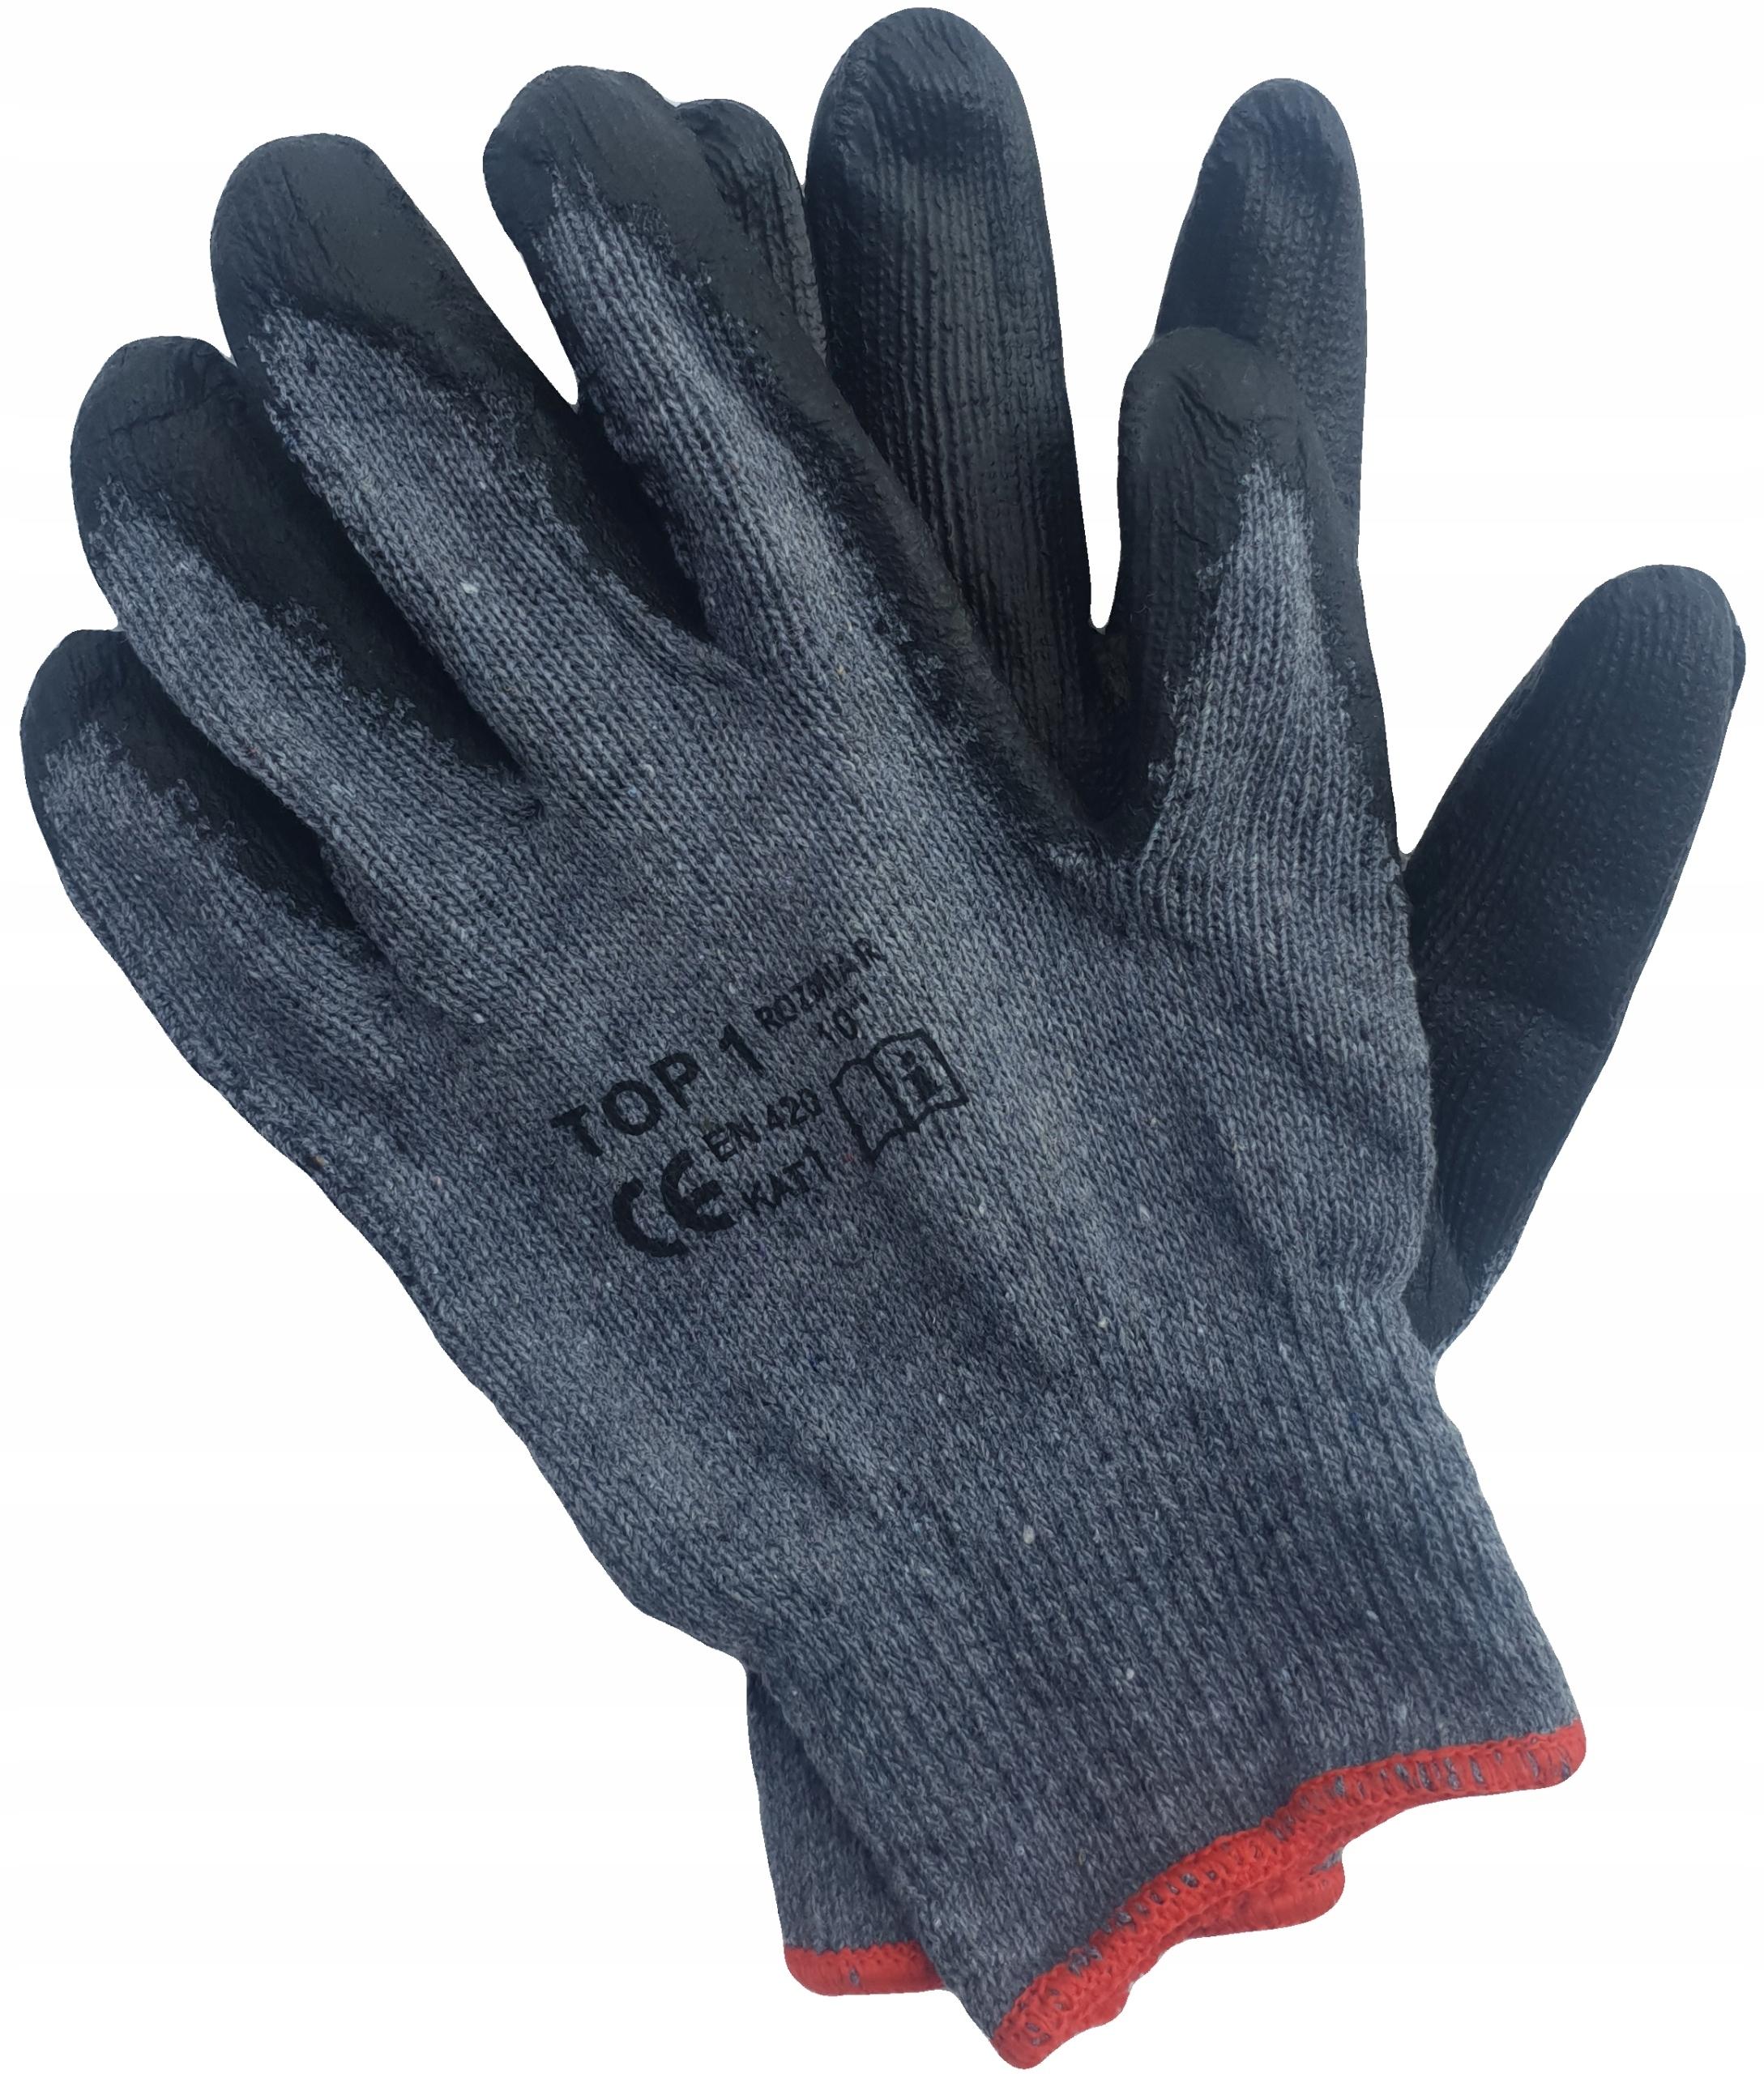 Rękawice rękawiczki robocze LATEKSOWE mocno oblane